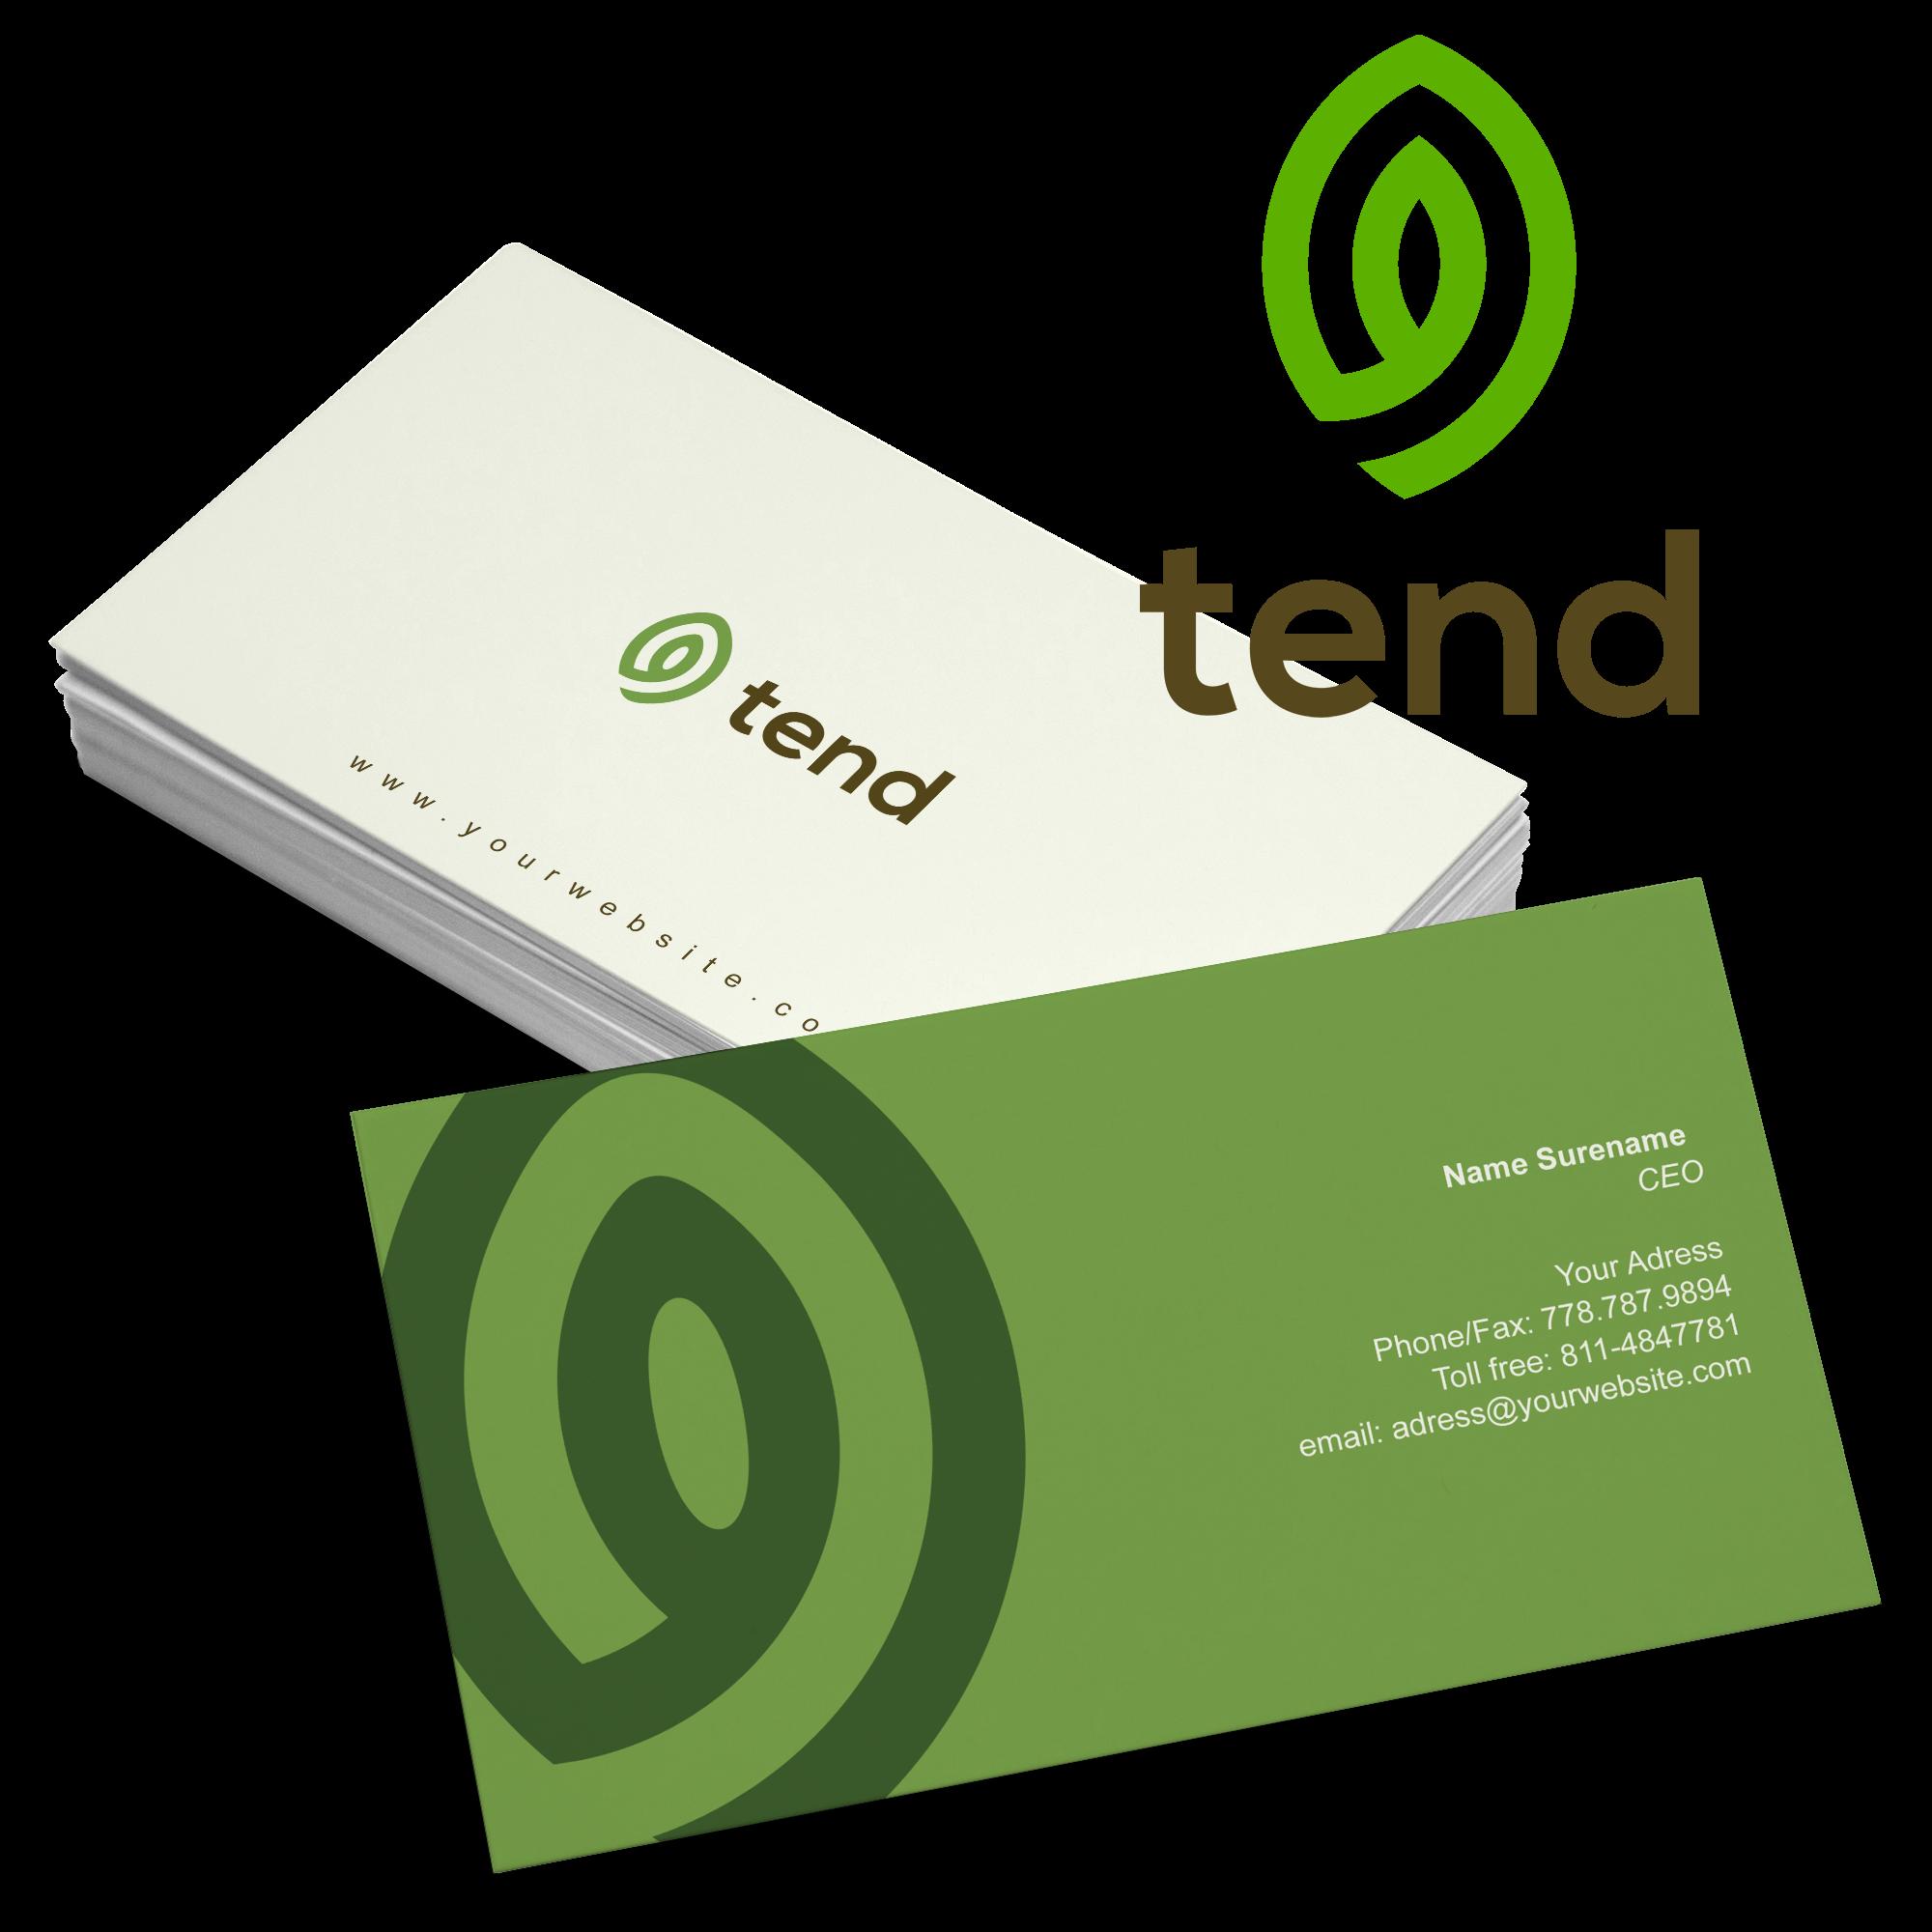 Business Card Logos Get A Custom Logo for Business Cards